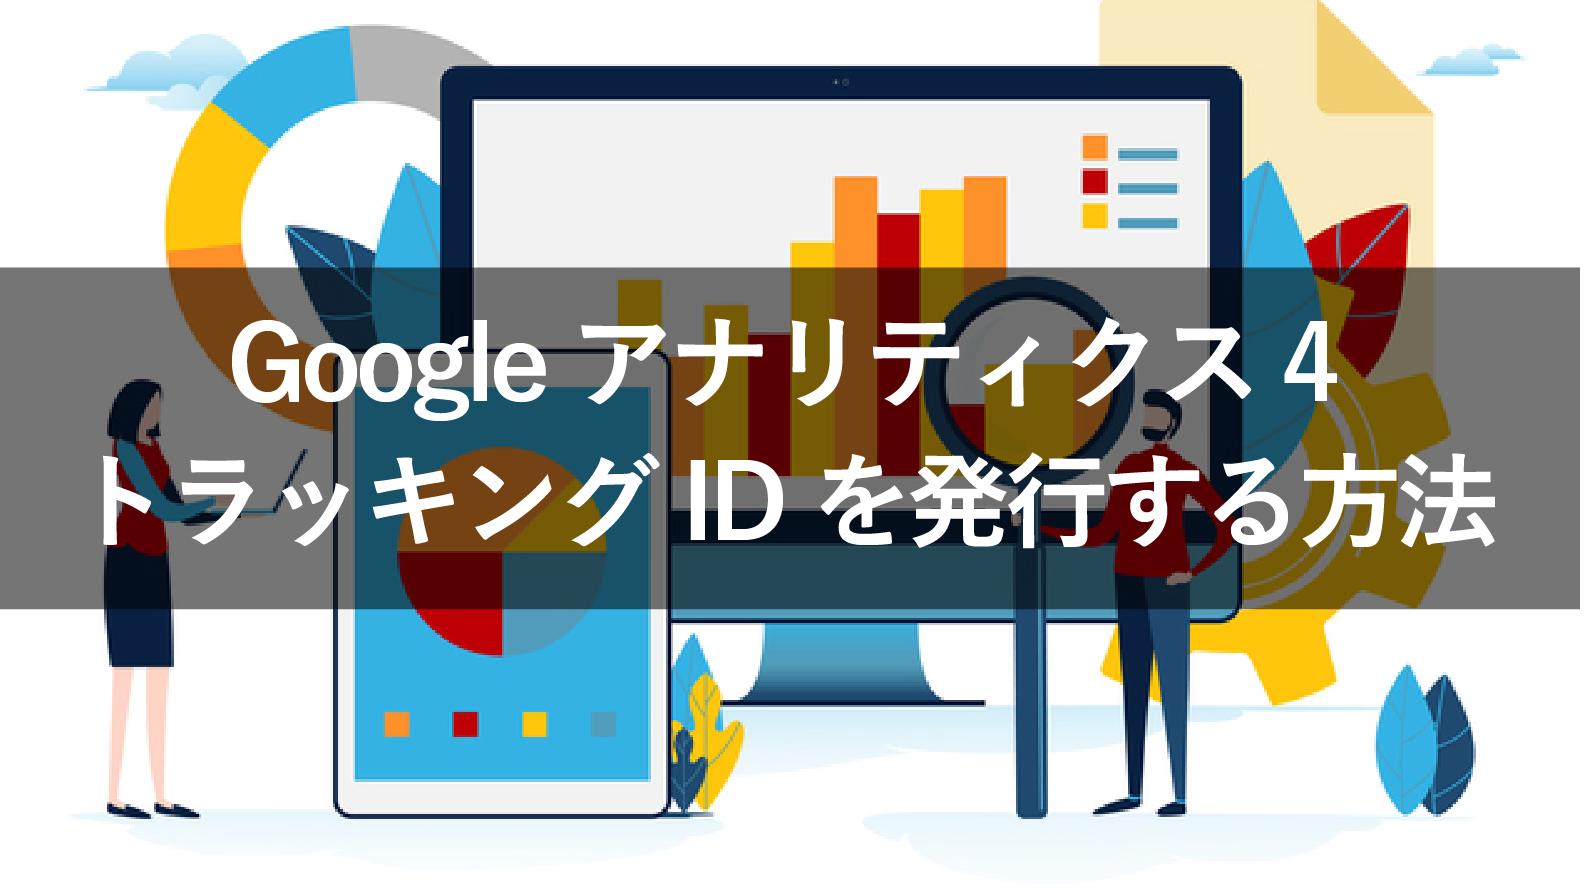 トラッキングIDを発行するには?Google アナリティクス 4(GA4)の方法を解説